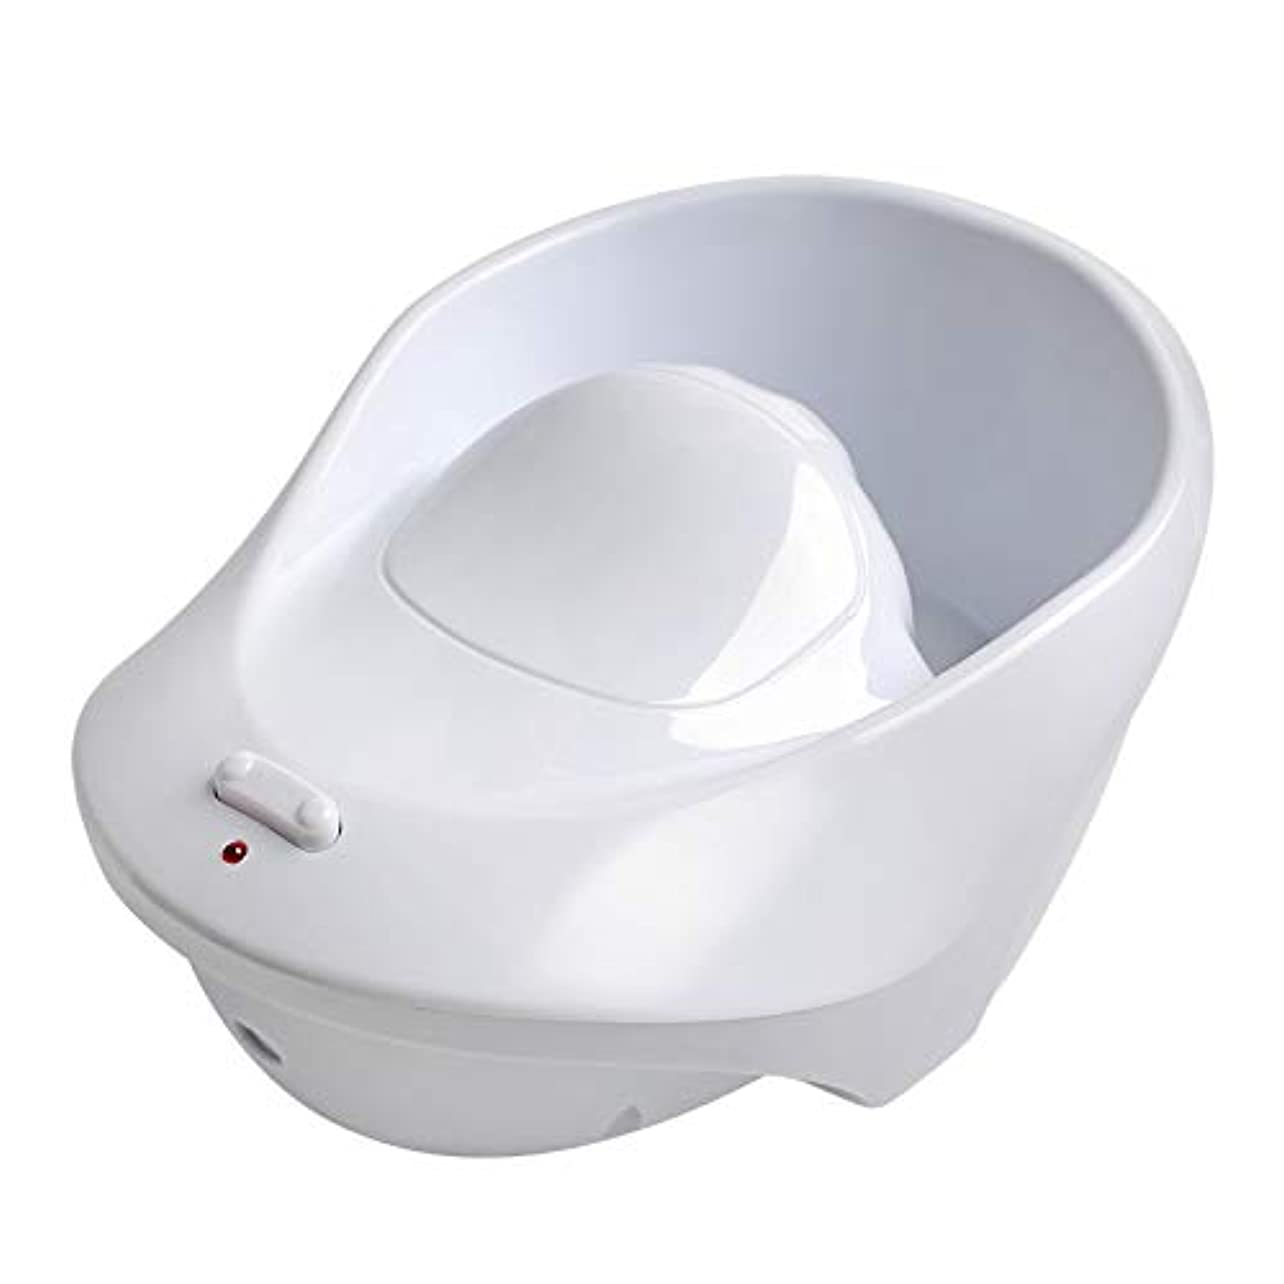 反論有用呼吸するマニキュア、マニキュア指のネイルアート治療リムーバー洗浄ツール用のボウル空気泡洗浄機オフ電気ソーク